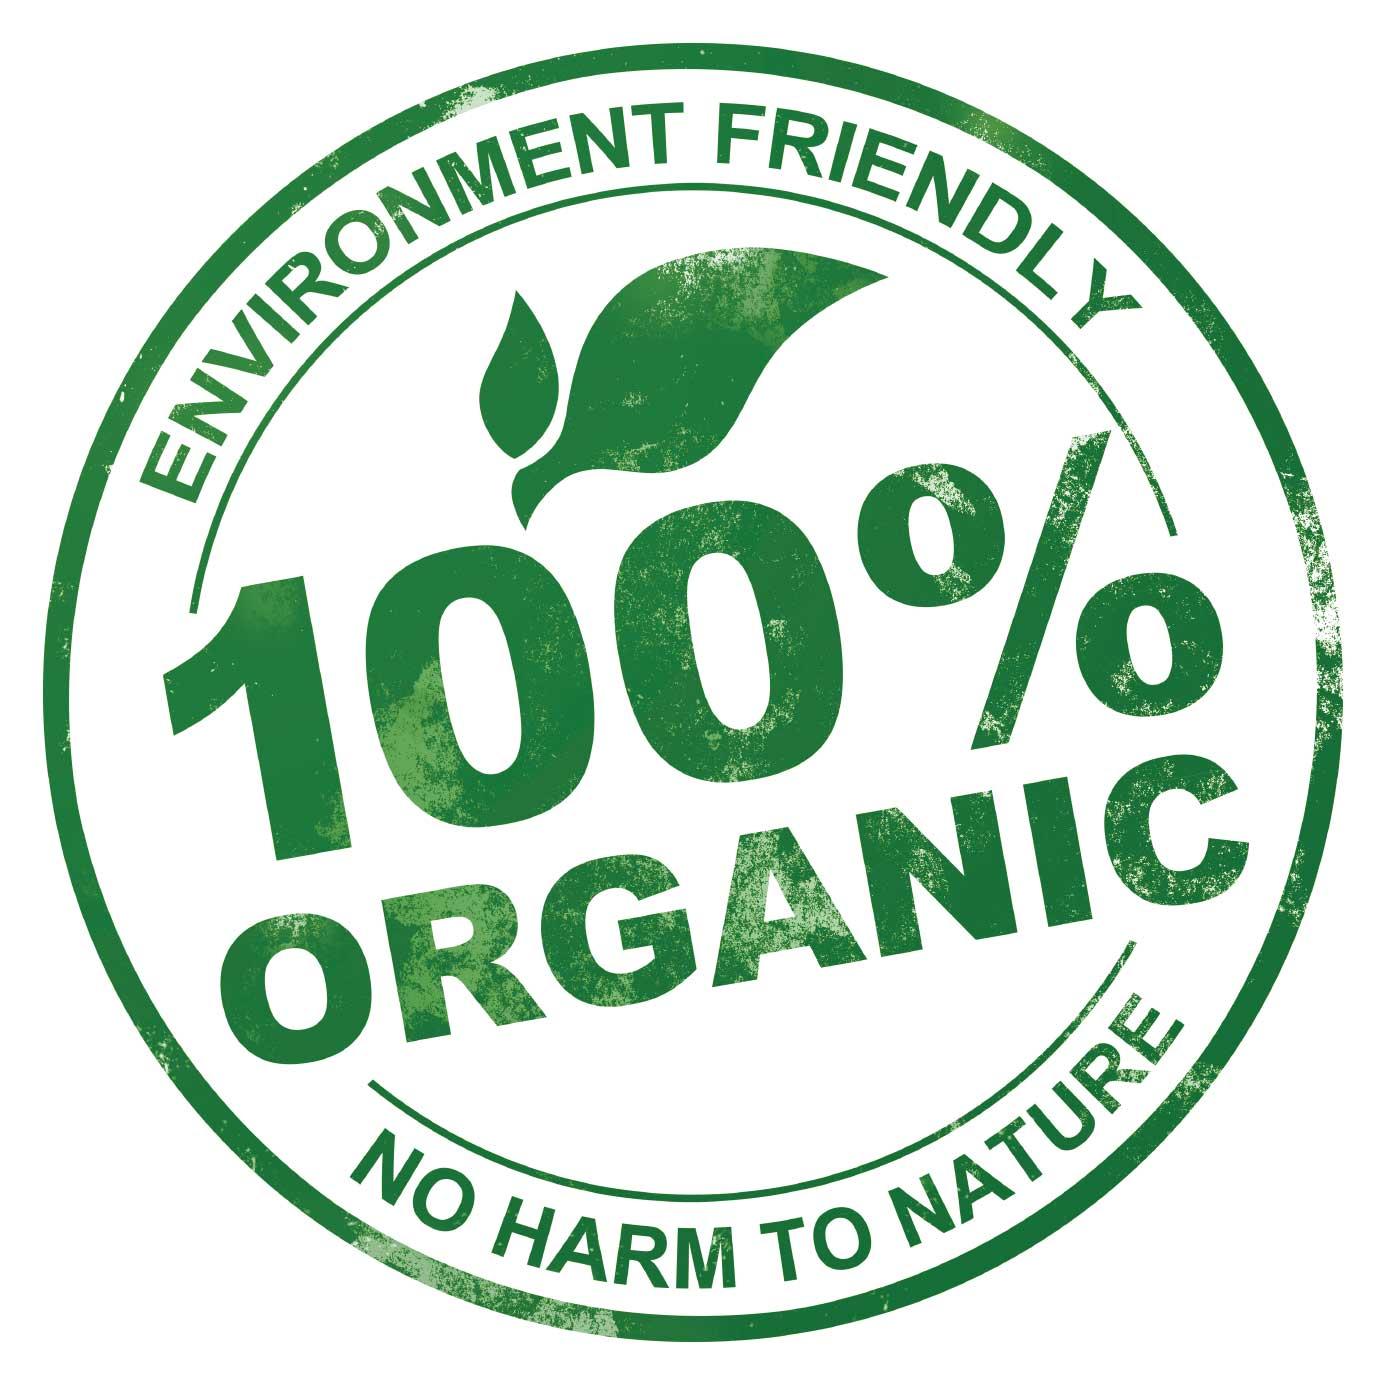 organikus, bio, öko